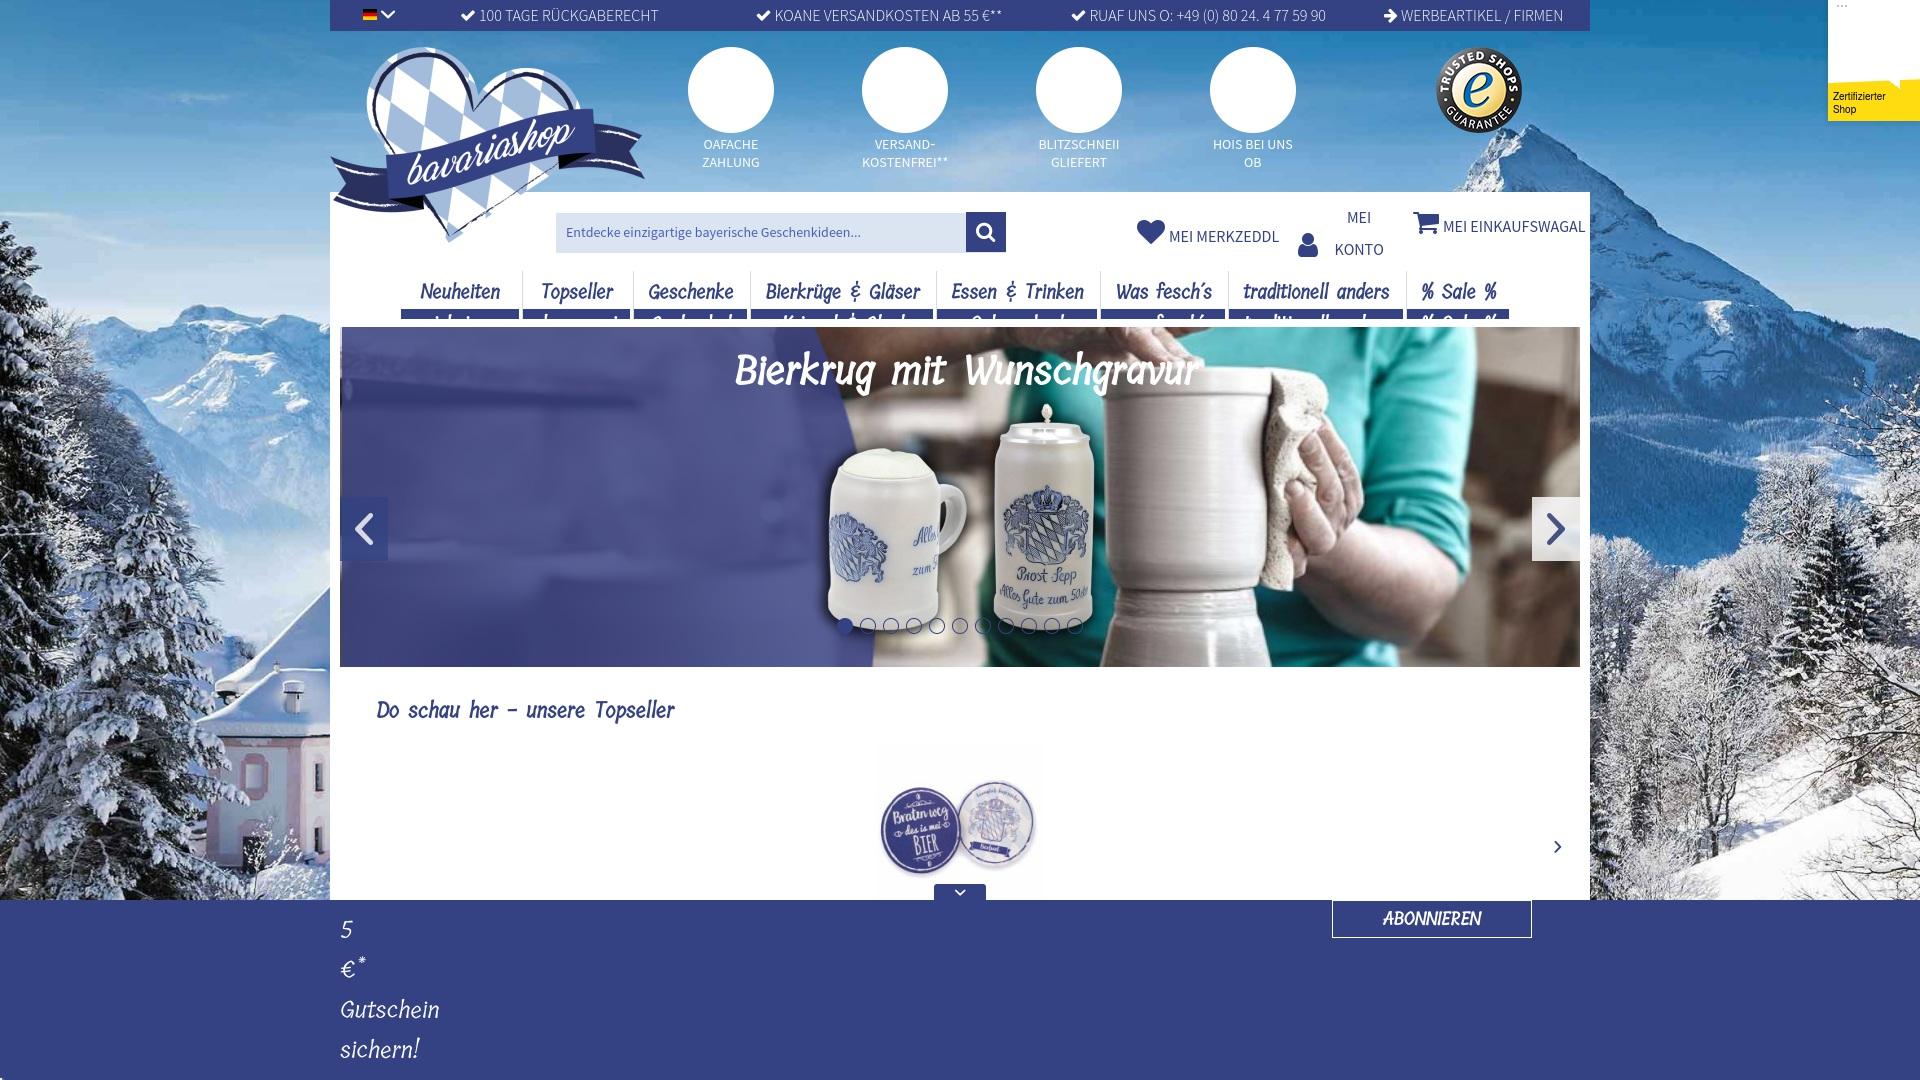 Gutschein für Bavariashop: Rabatte für  Bavariashop sichern